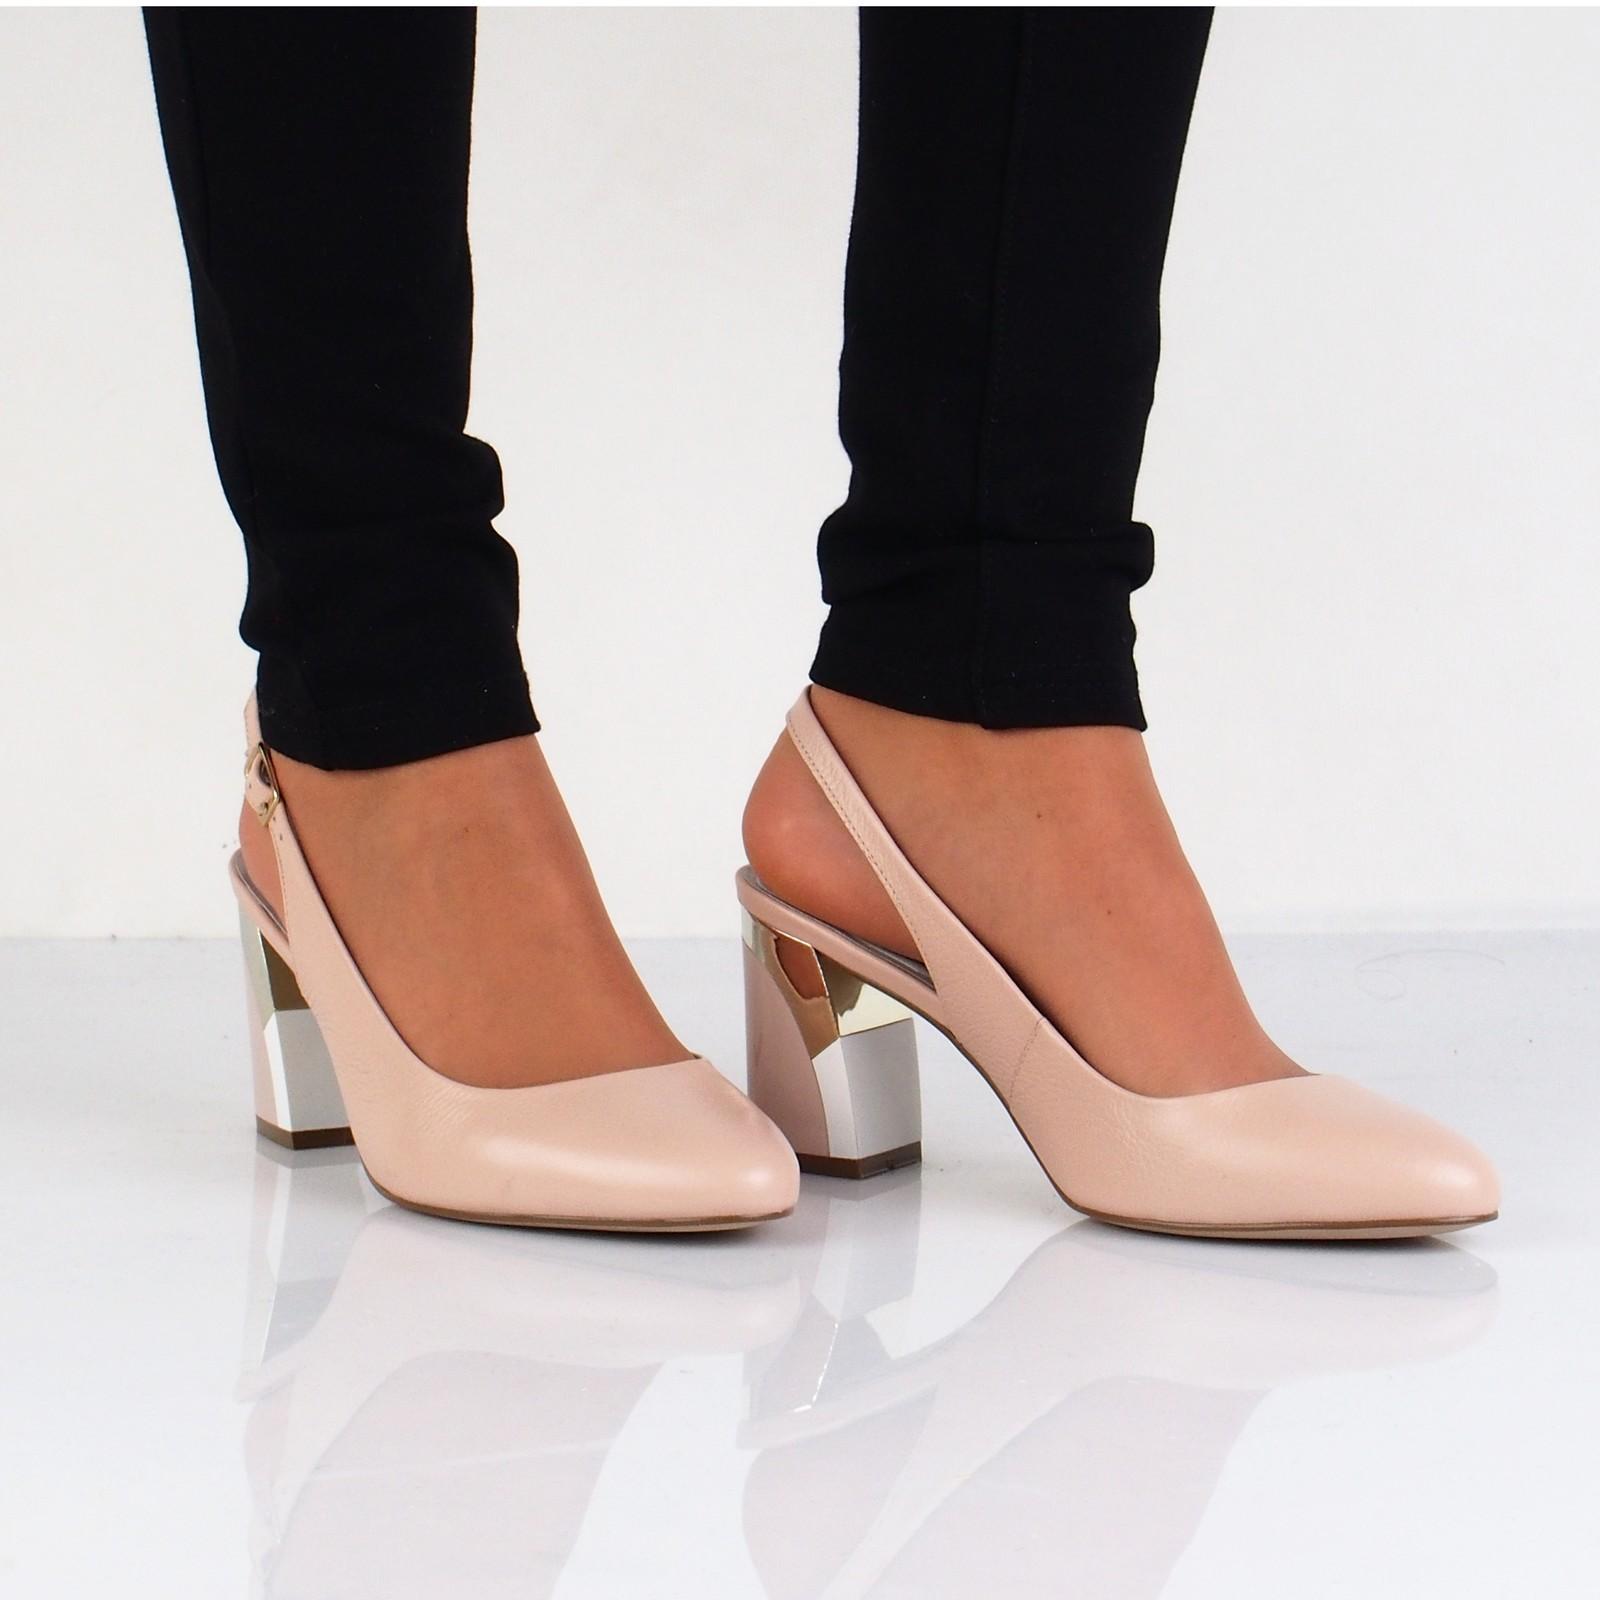 bb83f42e9e04 Olivia shoes dámske kožené sandále s remienkom - béžové ...